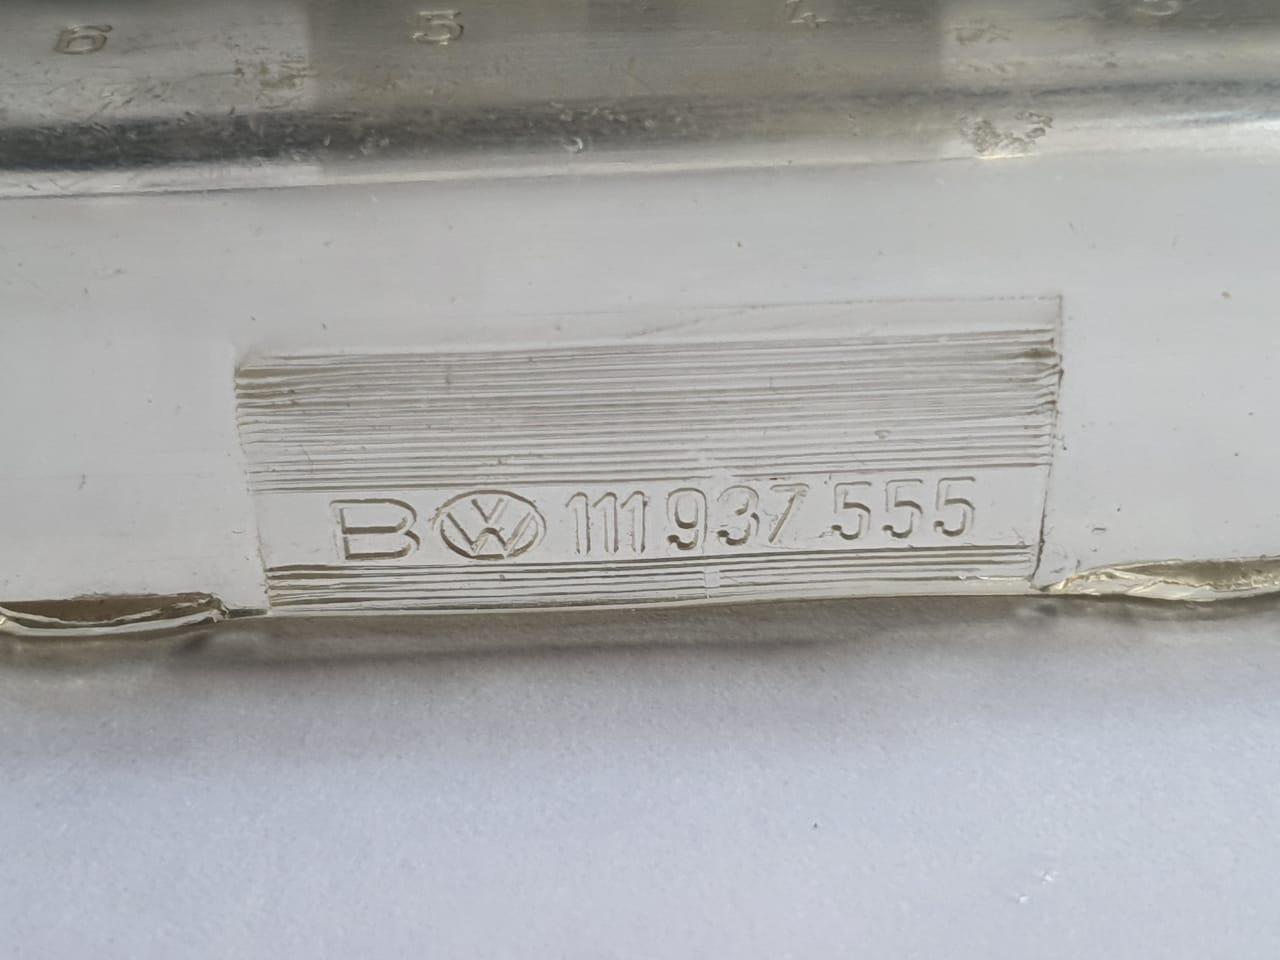 Caixa de 08 fusível FUSCA 68/75 ORIGINAL VW C/ TAMPA (nova estoque antigo) 111.937.555  - SSR Peças & Acessórios ltda ME.